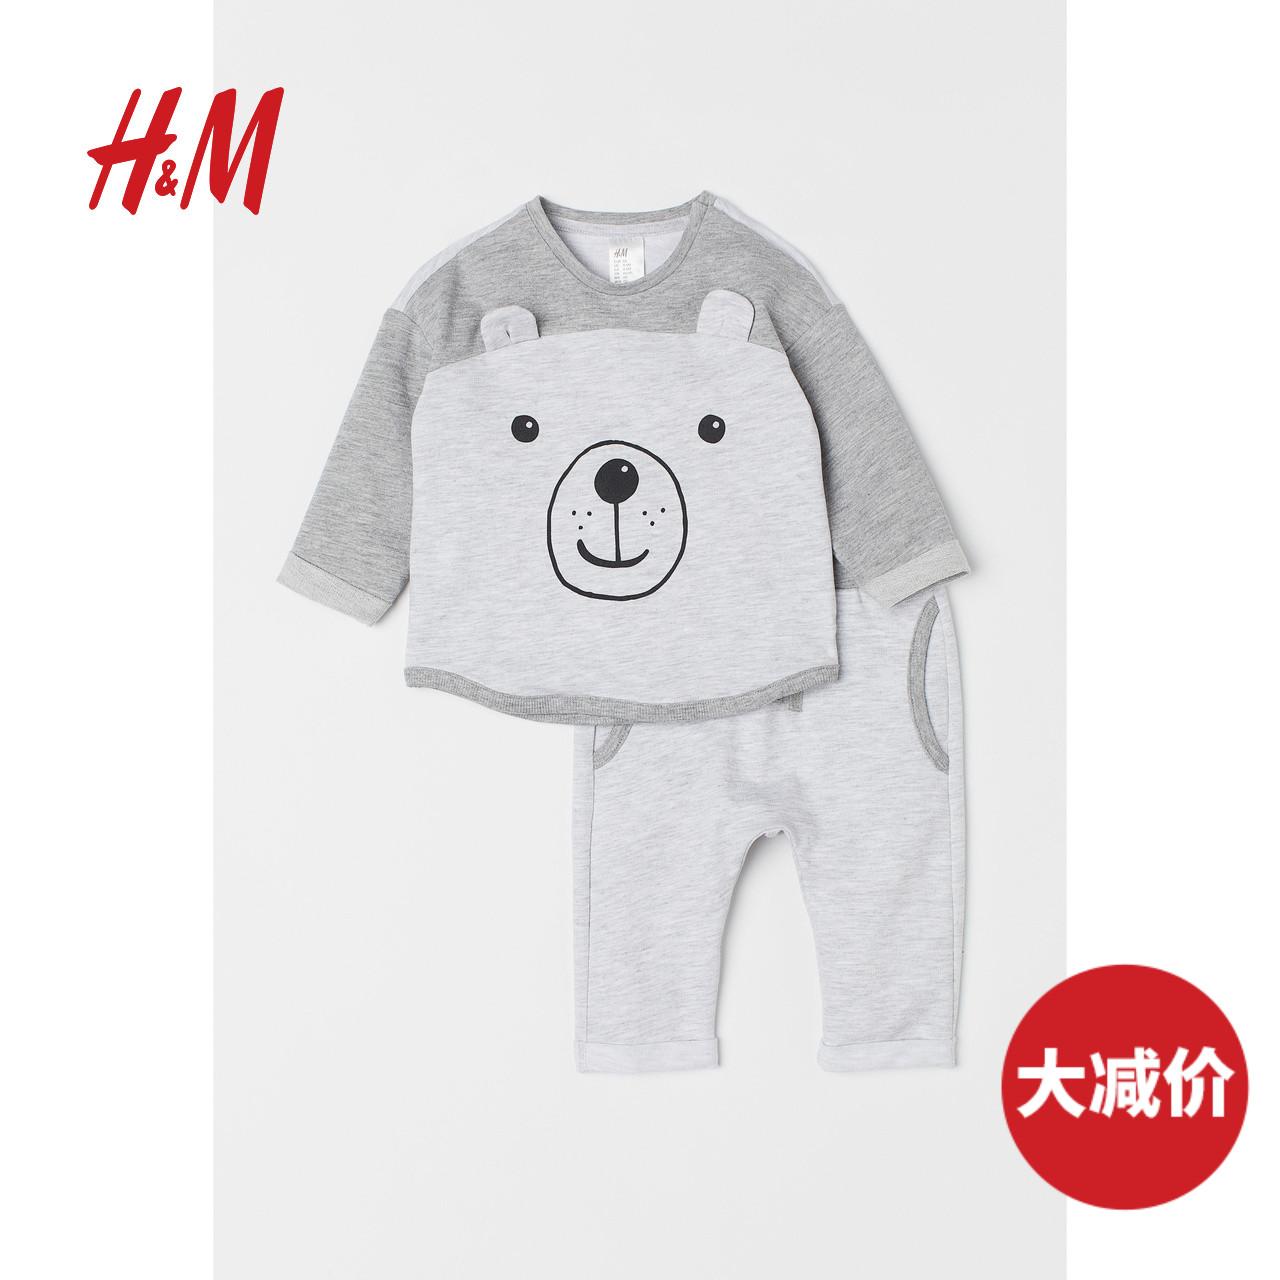 HM 童装男婴幼童套装 2019年春秋新款棉质上衣和长裤0698872